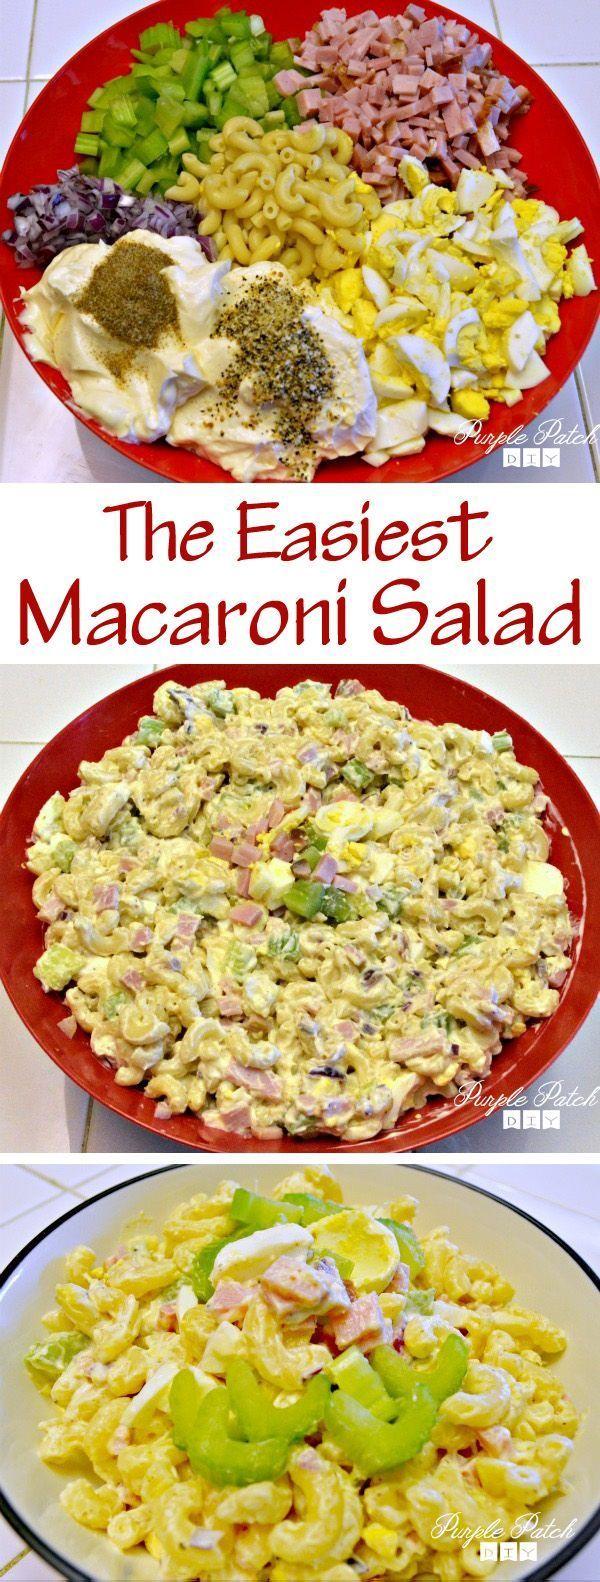 How to make Macaroni Salad.